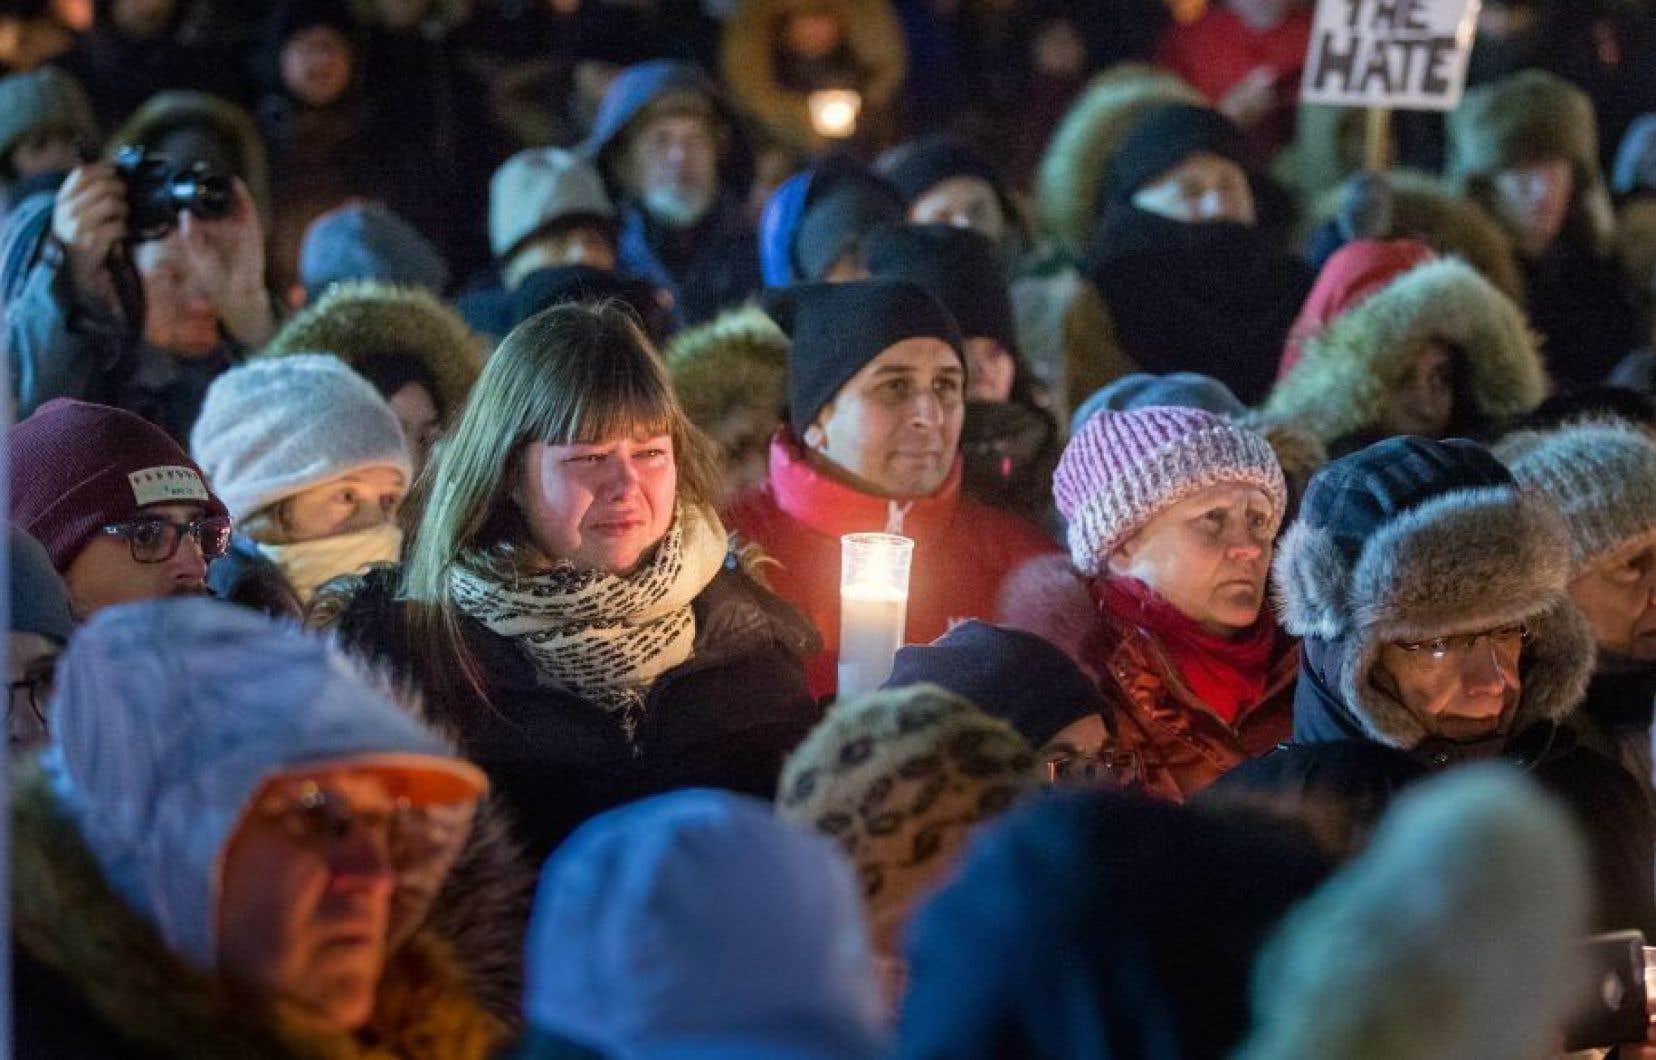 La motion M-103 a été déposée en décembre dernier, soit bien avant l'attentat à la Grande Mosquée de Québec.